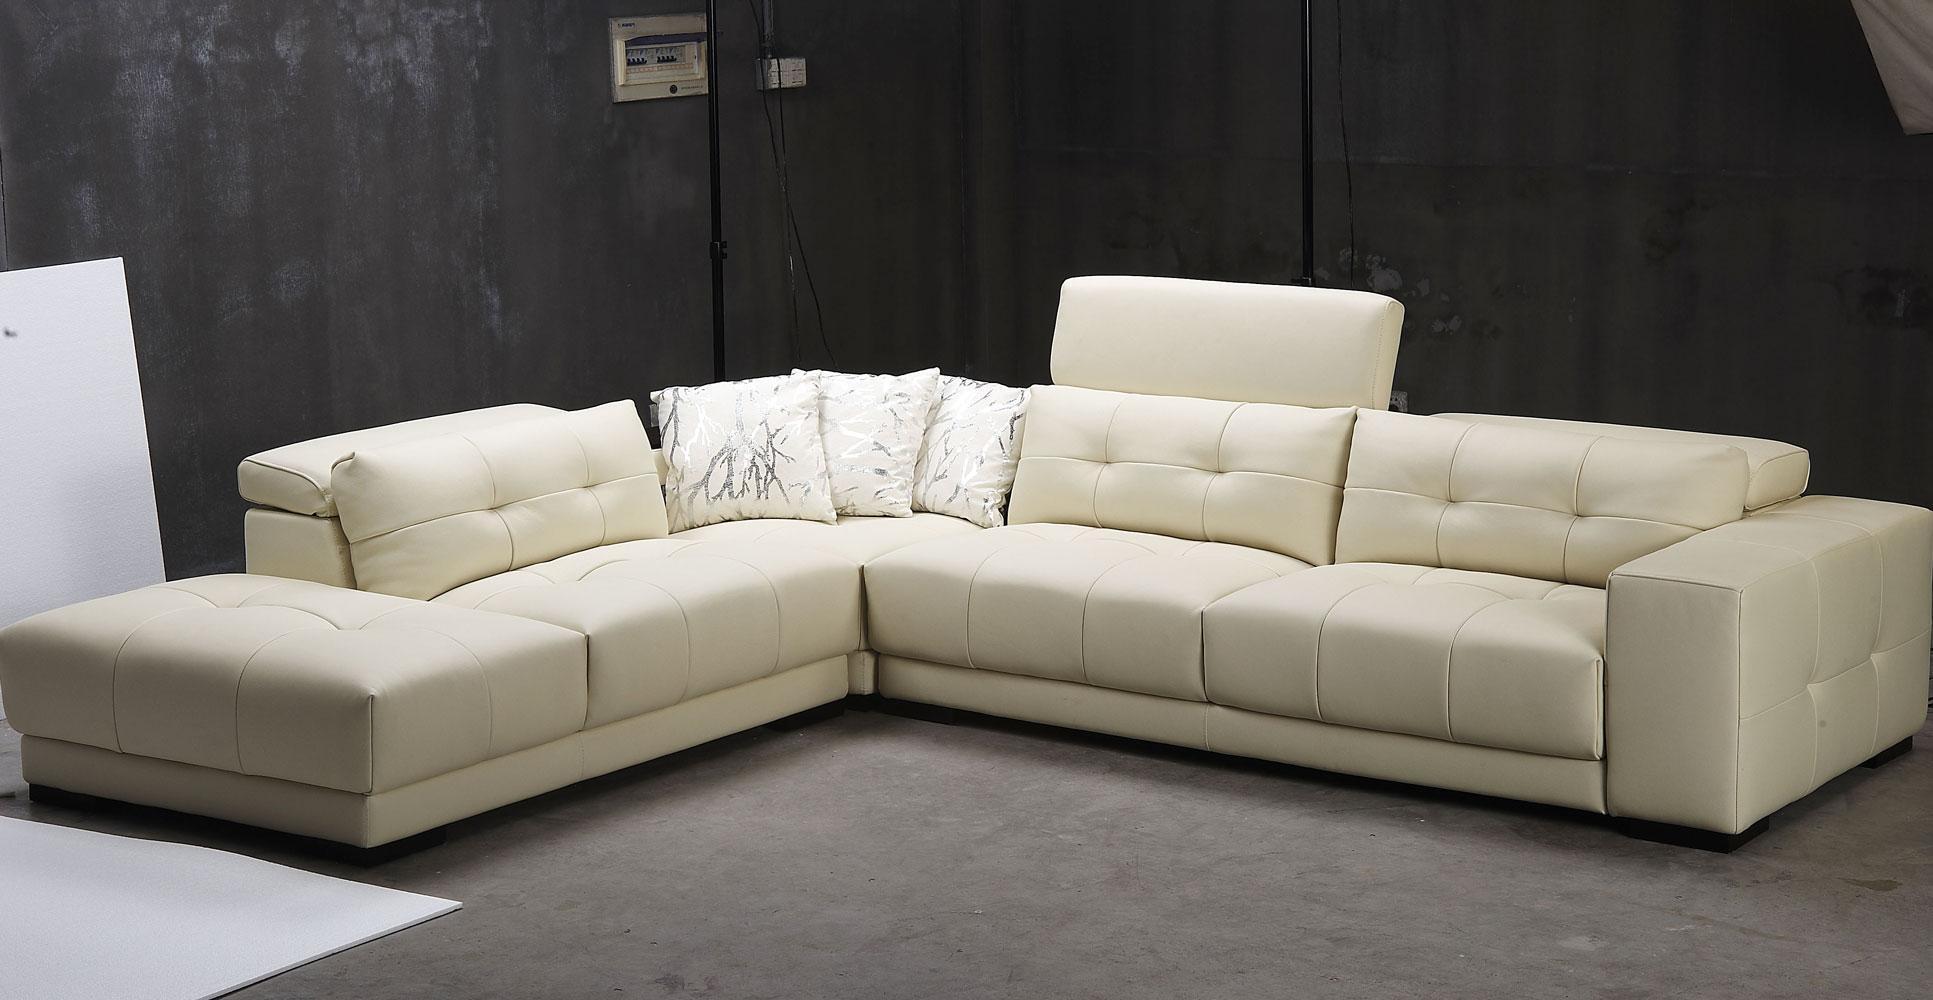 Bauhaus Sofa Sectional